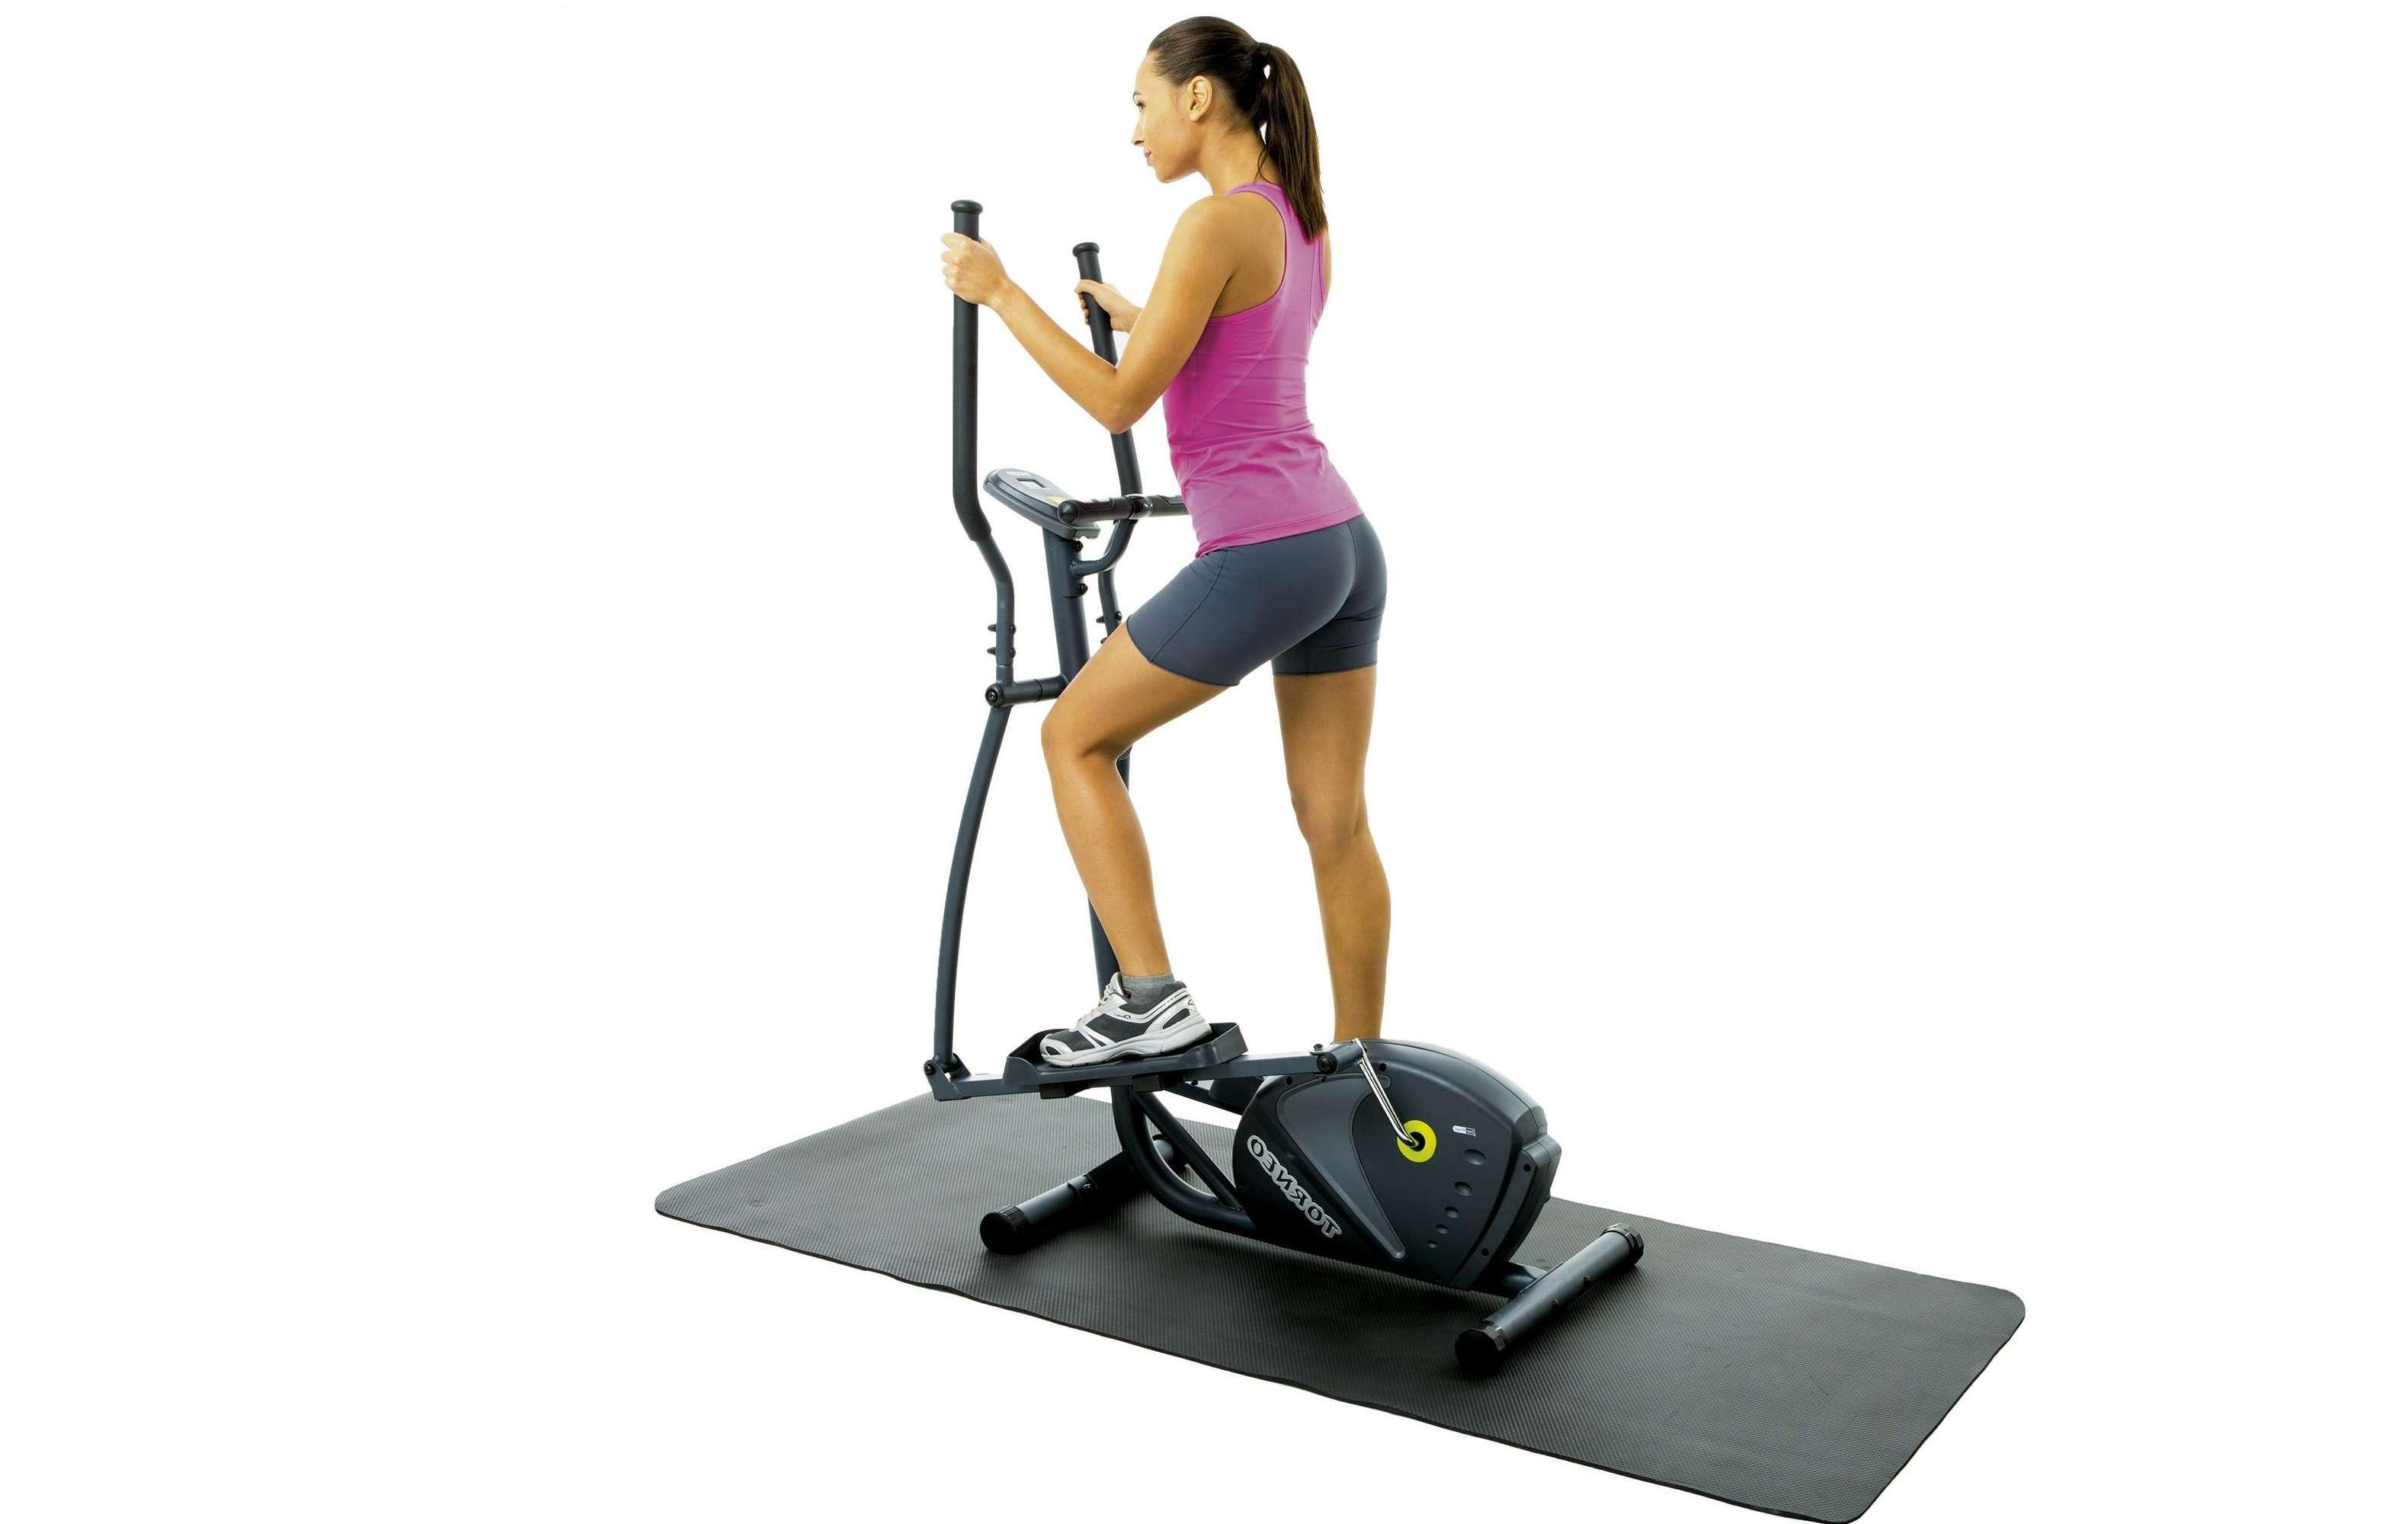 Можно Похудеть Занимаясь На Тренажерах. Как правильно заниматься на тренажерах, чтобы похудеть